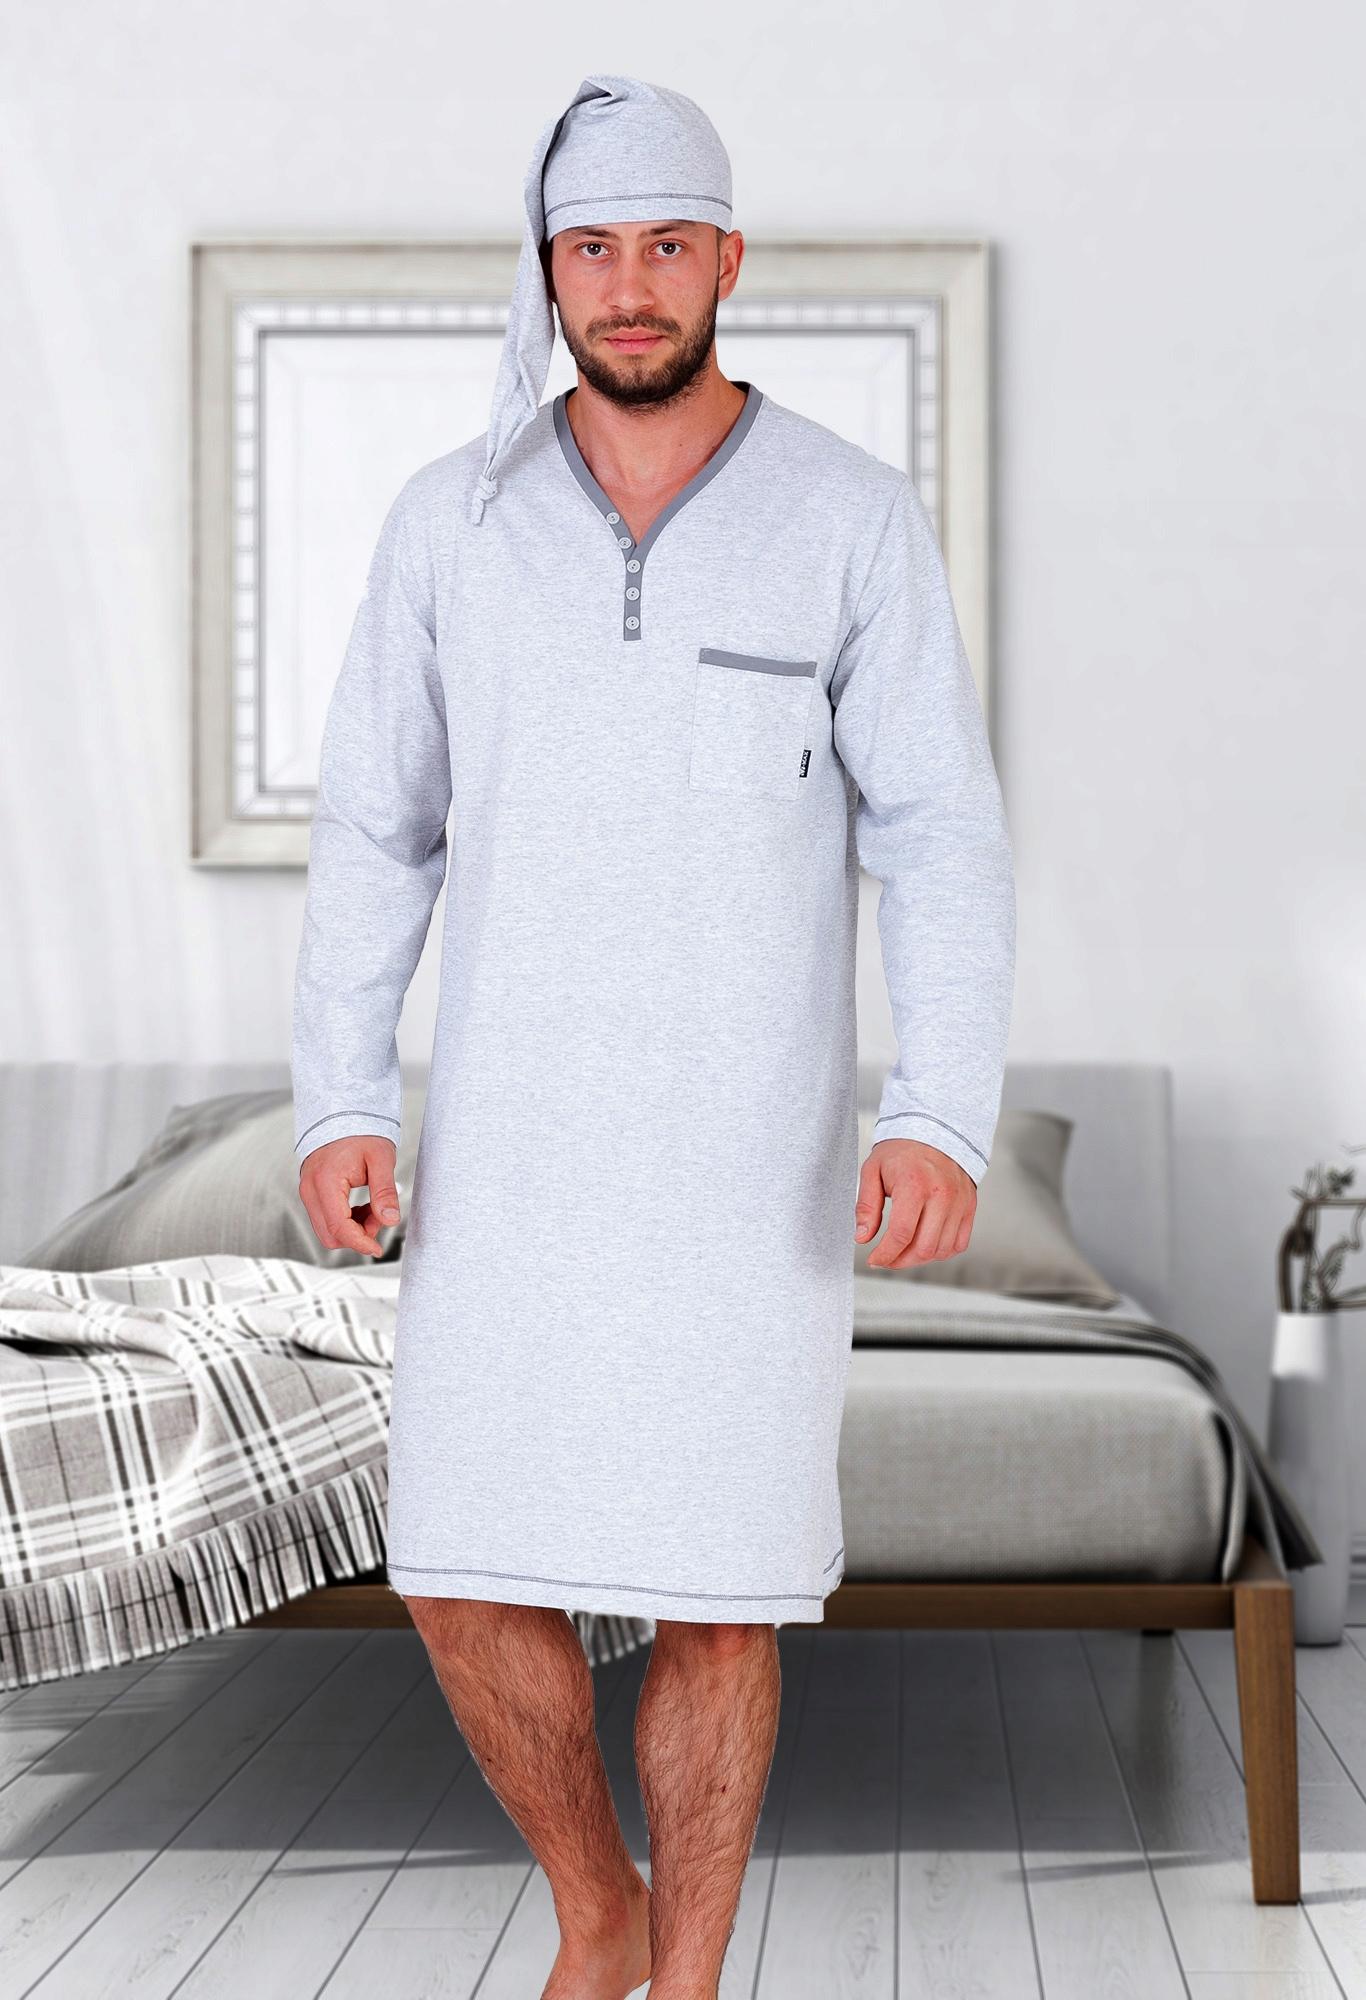 Koszula nocna męska szlafmyca Bonifacy M MAX L 6991606349  nV6zs